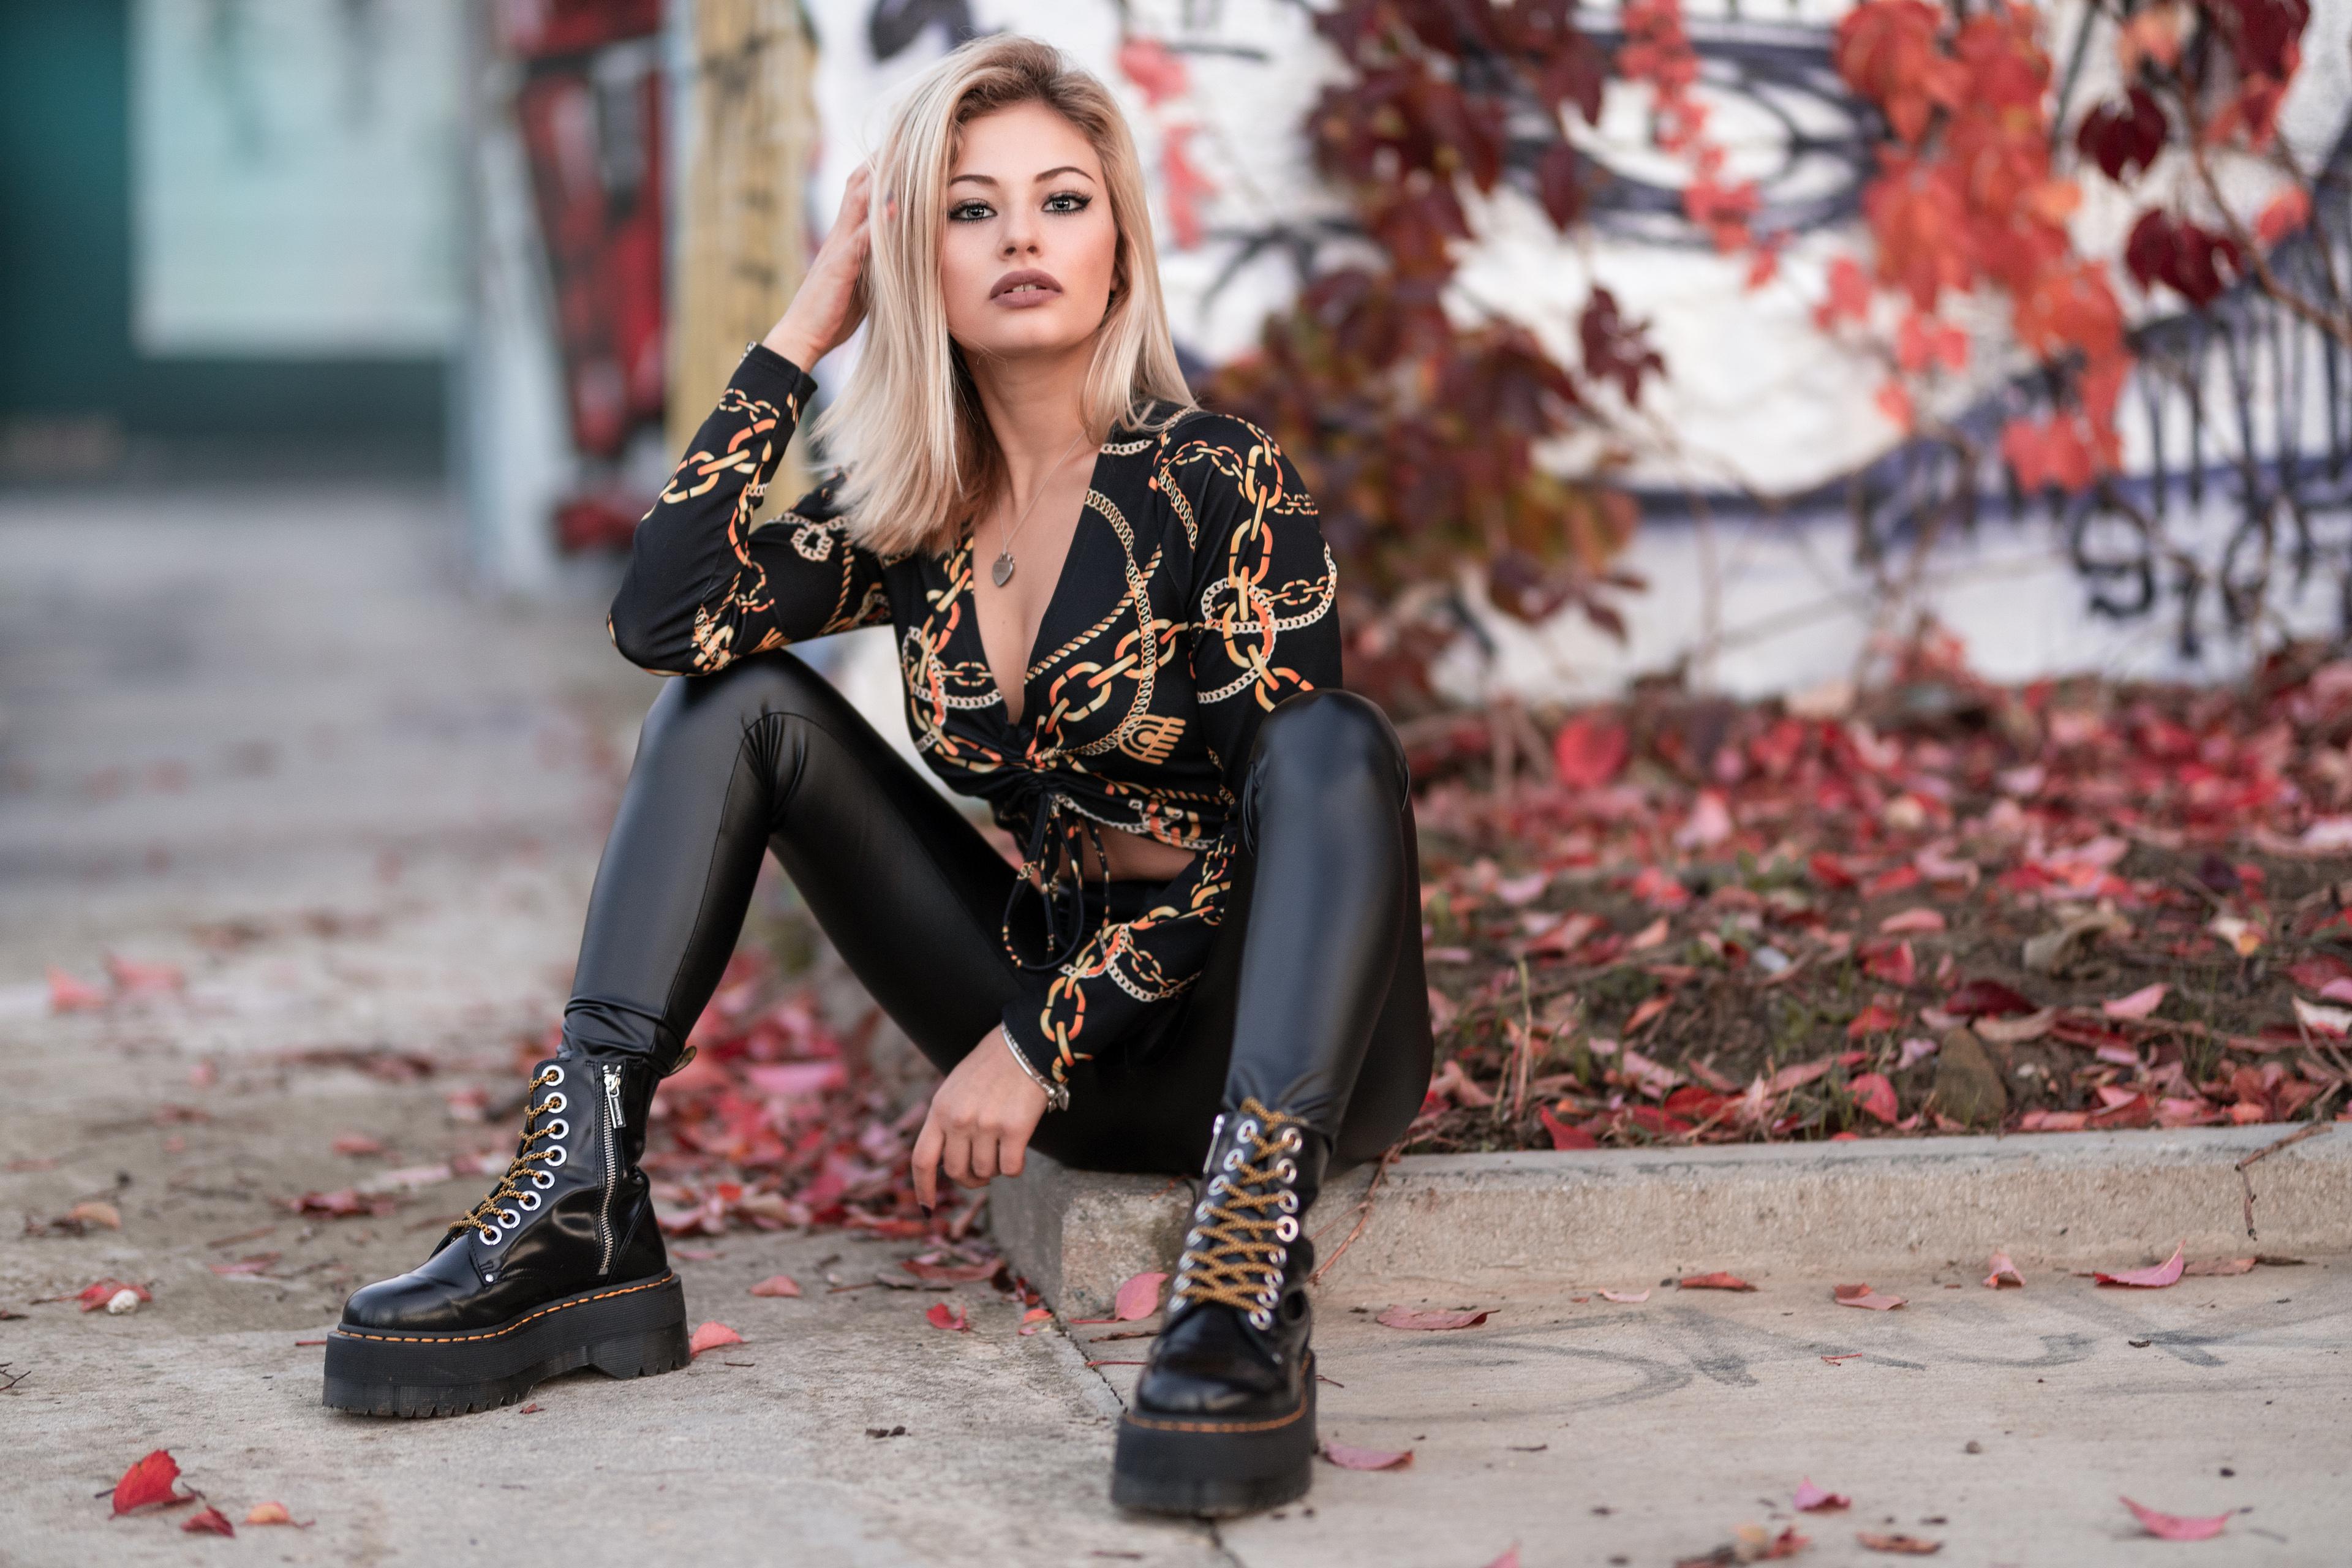 Foto Blondine Alessandra Bluse Boots junge frau Bein sitzen Starren Blond Mädchen Mädchens junge Frauen sitzt Sitzend Blick